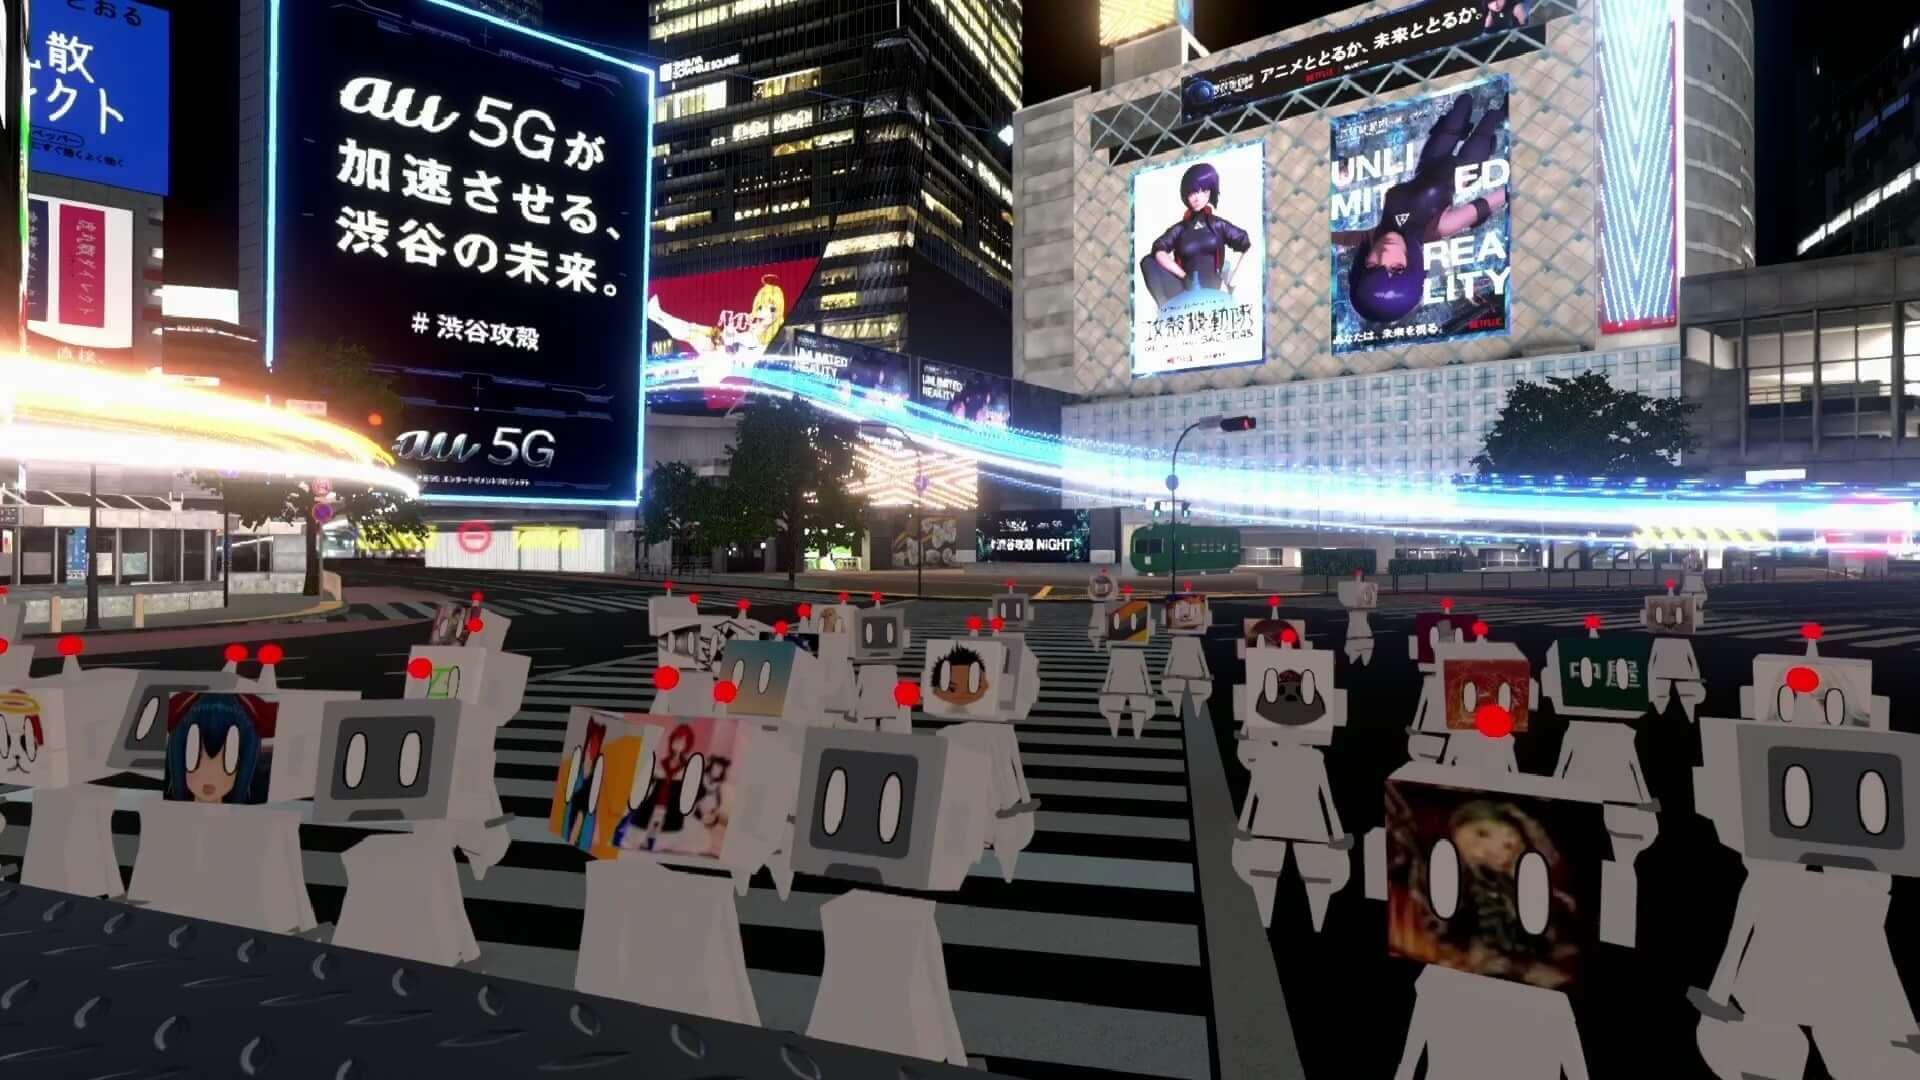 「バーチャル渋谷」で開催された<#渋谷攻殻NIGHT by au5G>の映像が公開|宇川直宏、若槻千夏、セカオワ・DJ LOVEら登場 art200520_shibuya5g_project_9-1920x1080